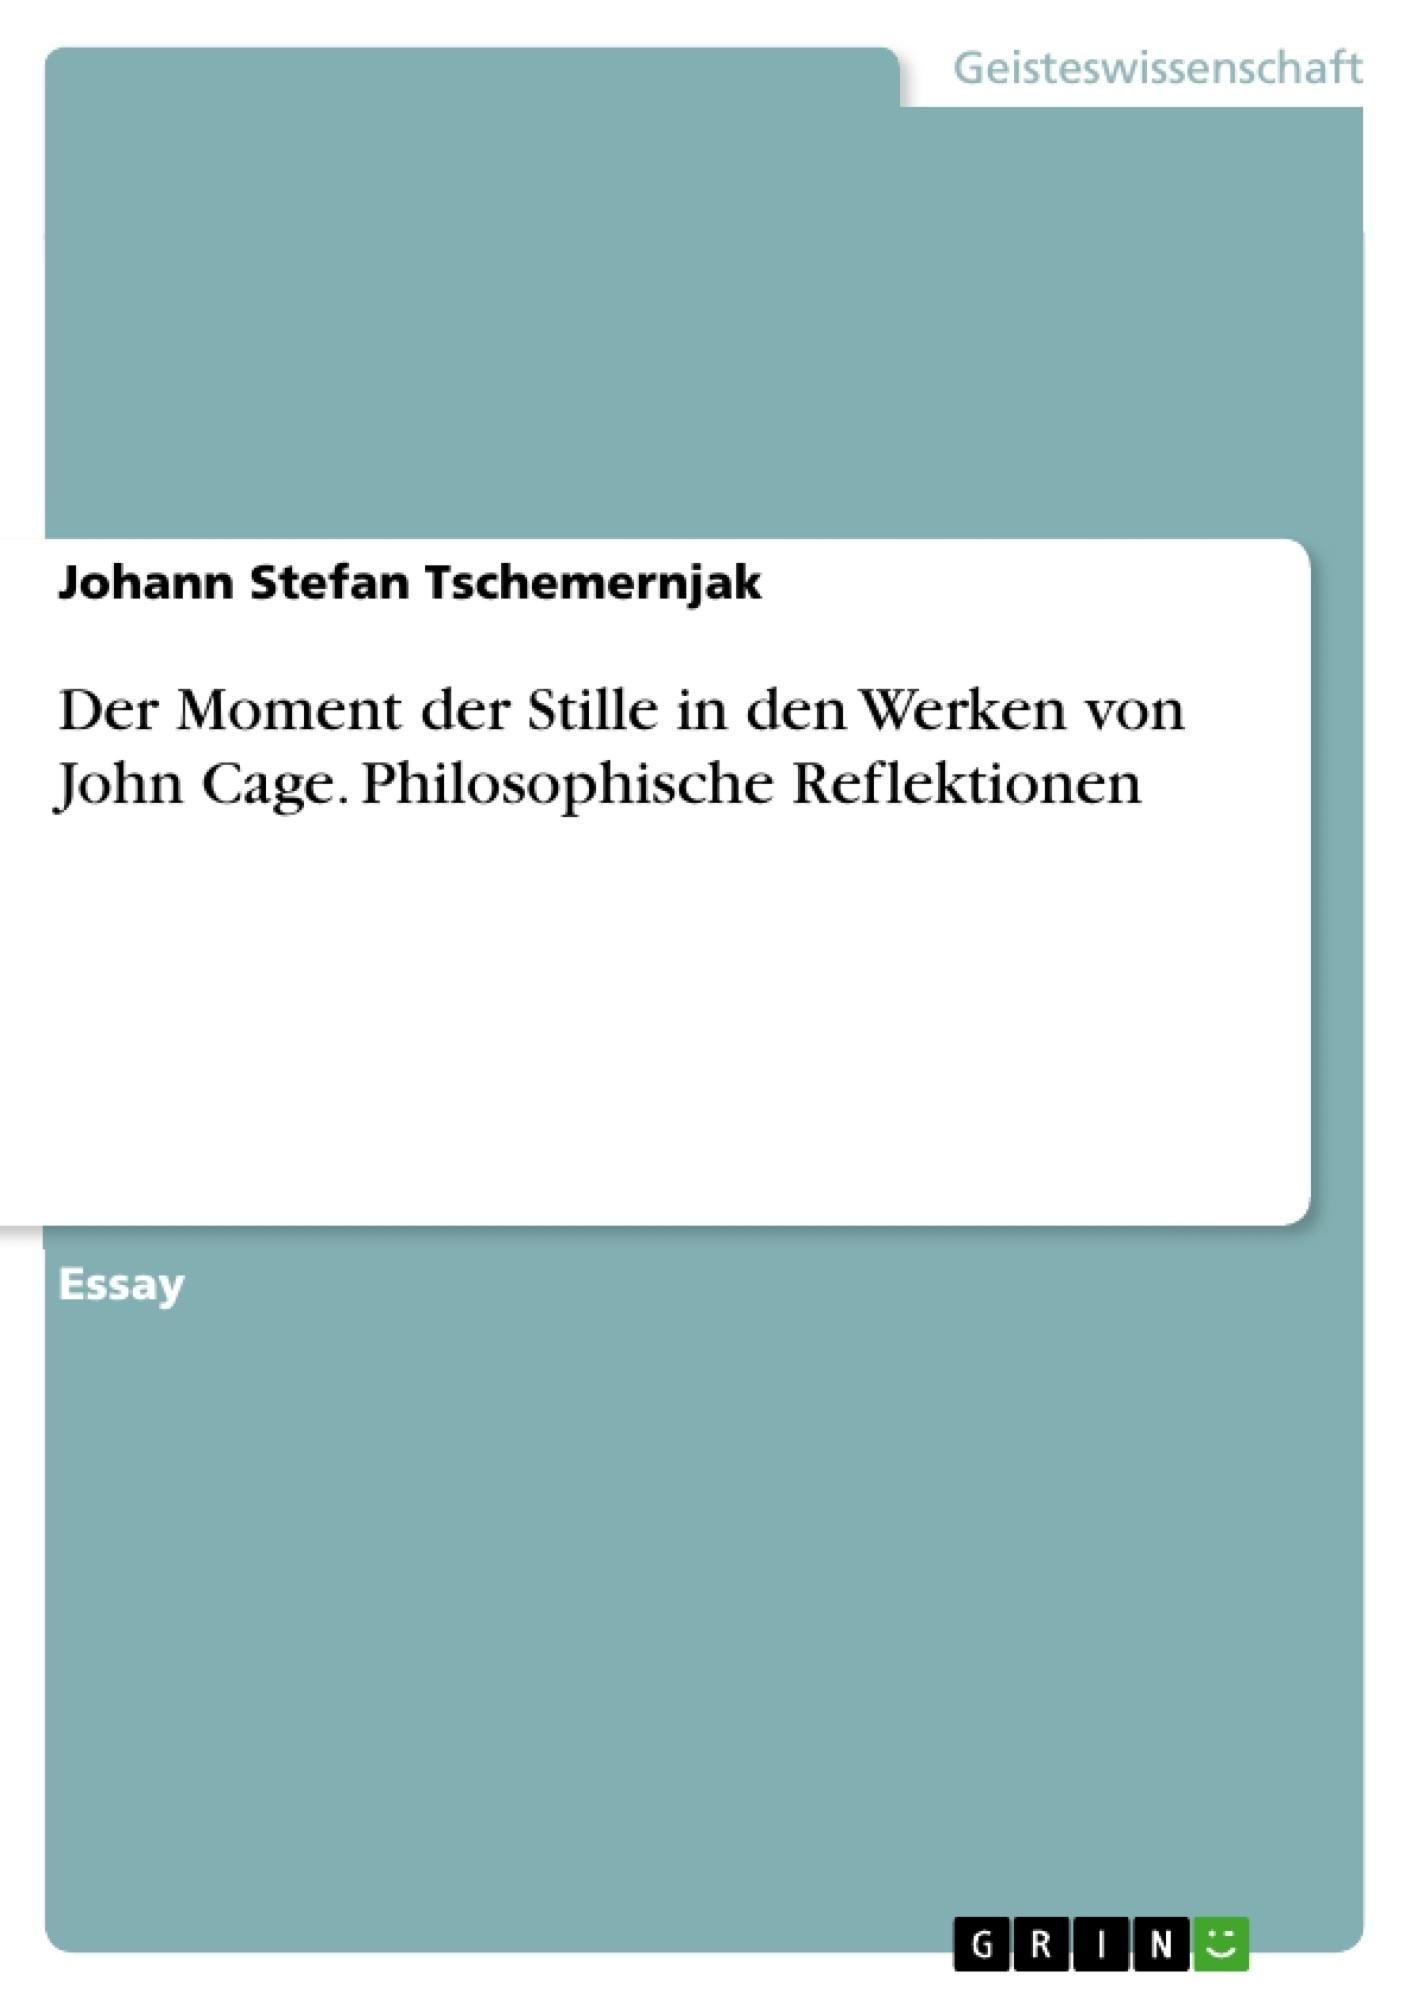 Titel: Der Moment der Stille in den Werken von John Cage. Philosophische Reflektionen